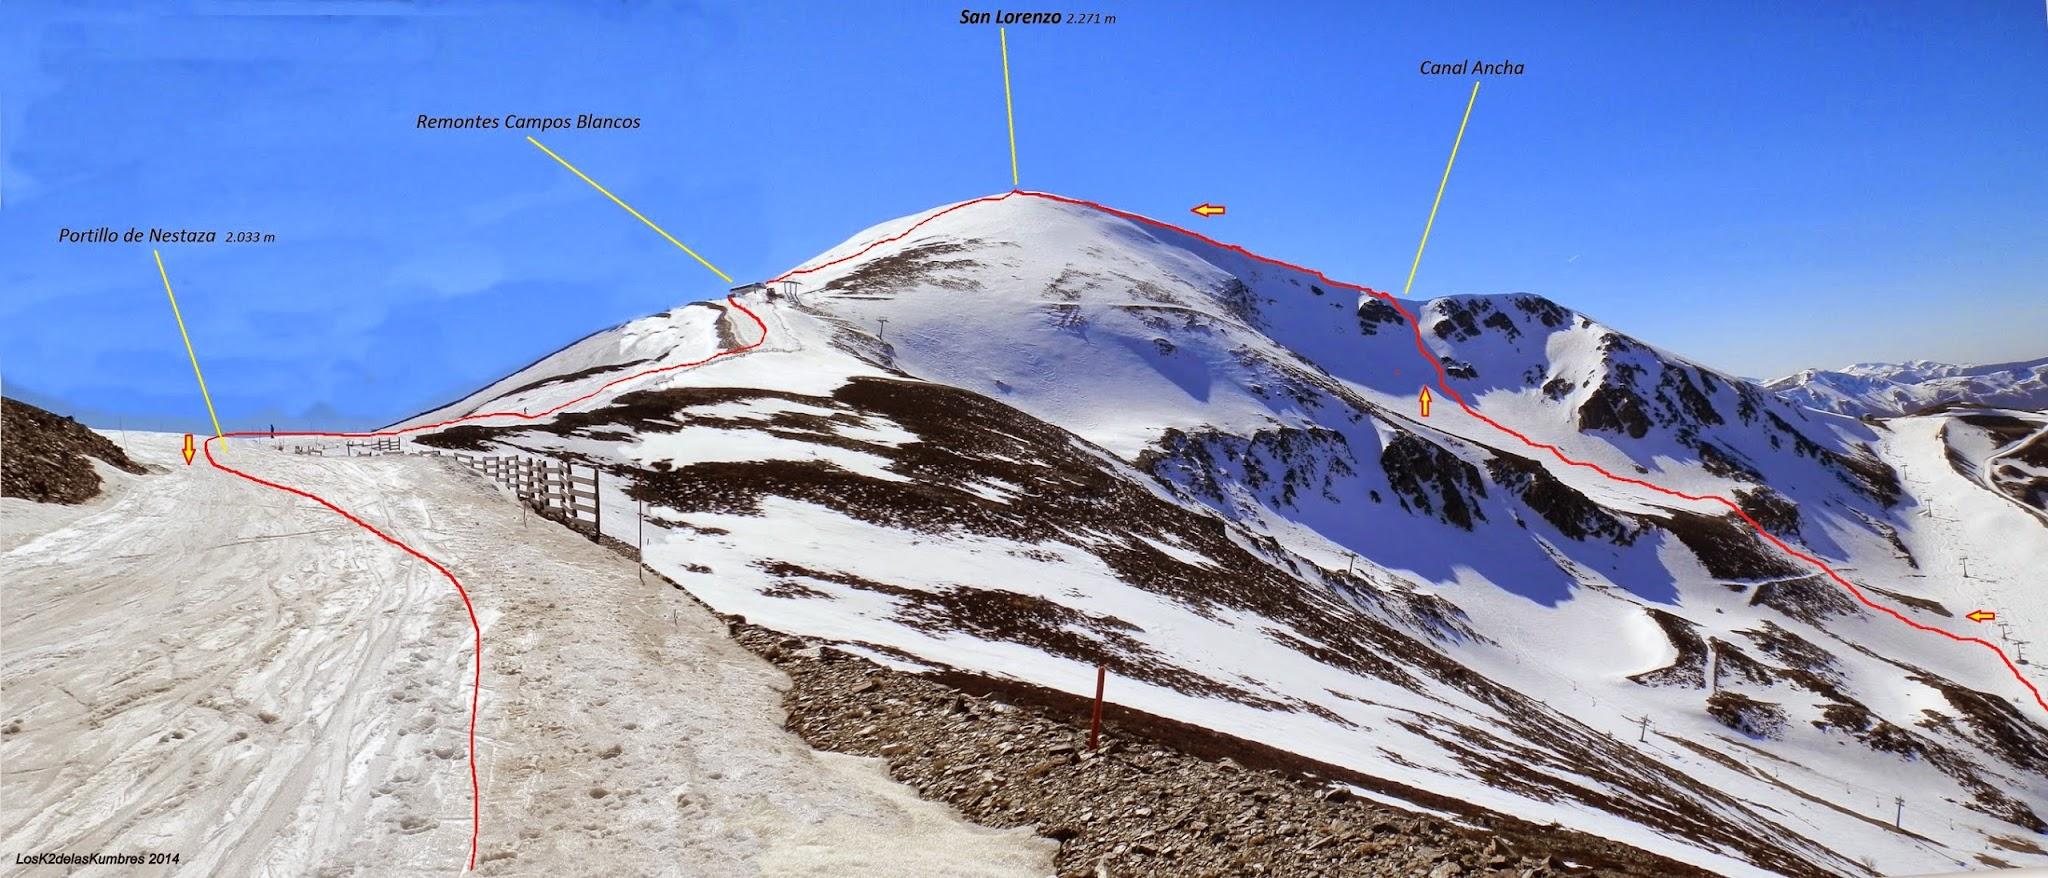 Pico San Lorenzo